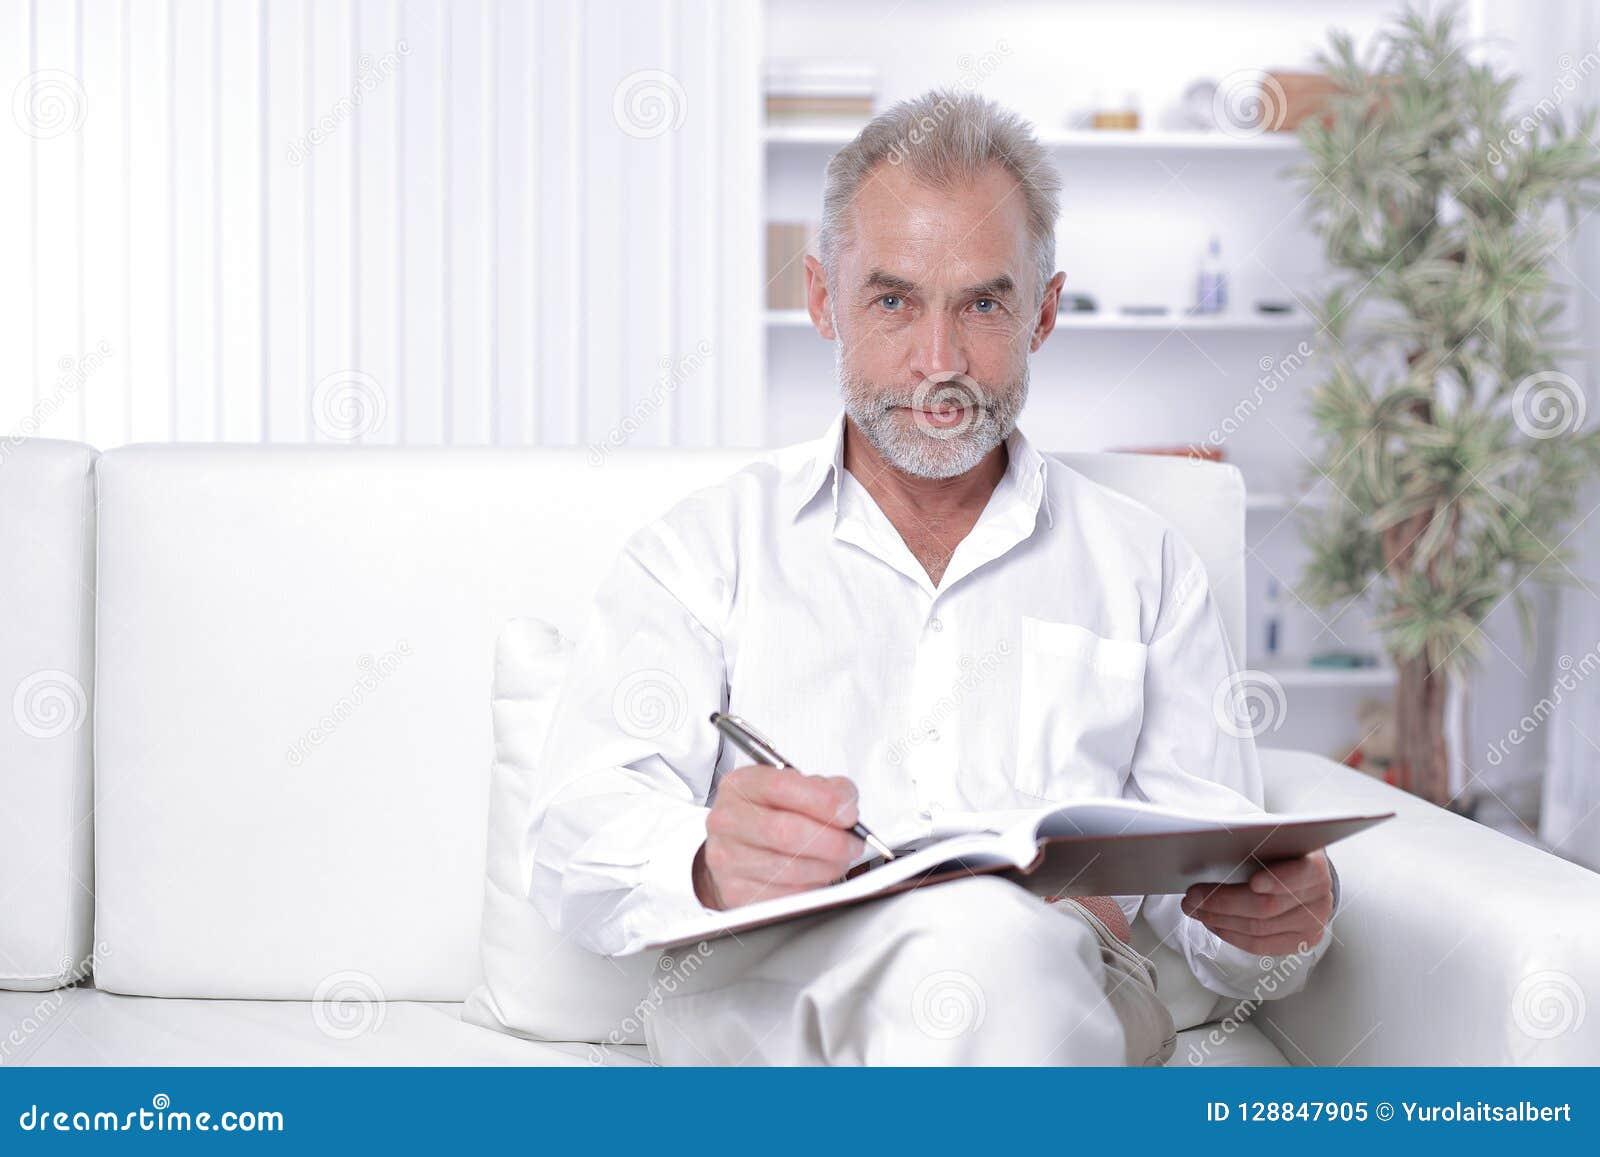 Älterer Geschäftsmann, der eine Anmerkung im Arbeitsbuch macht